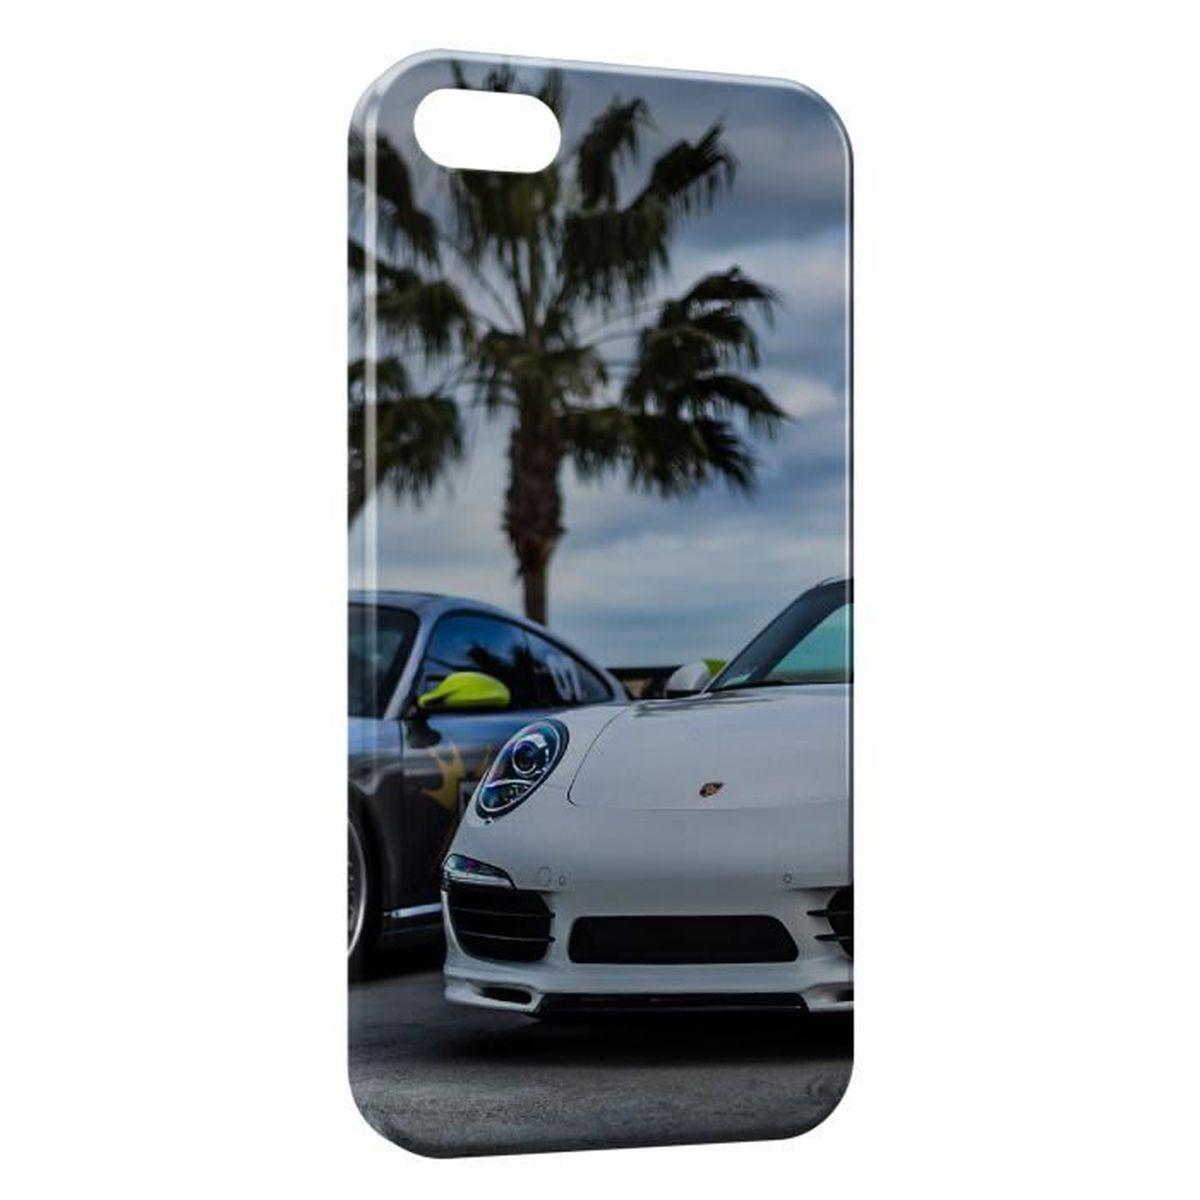 coque iphone 6s porsche et palmier